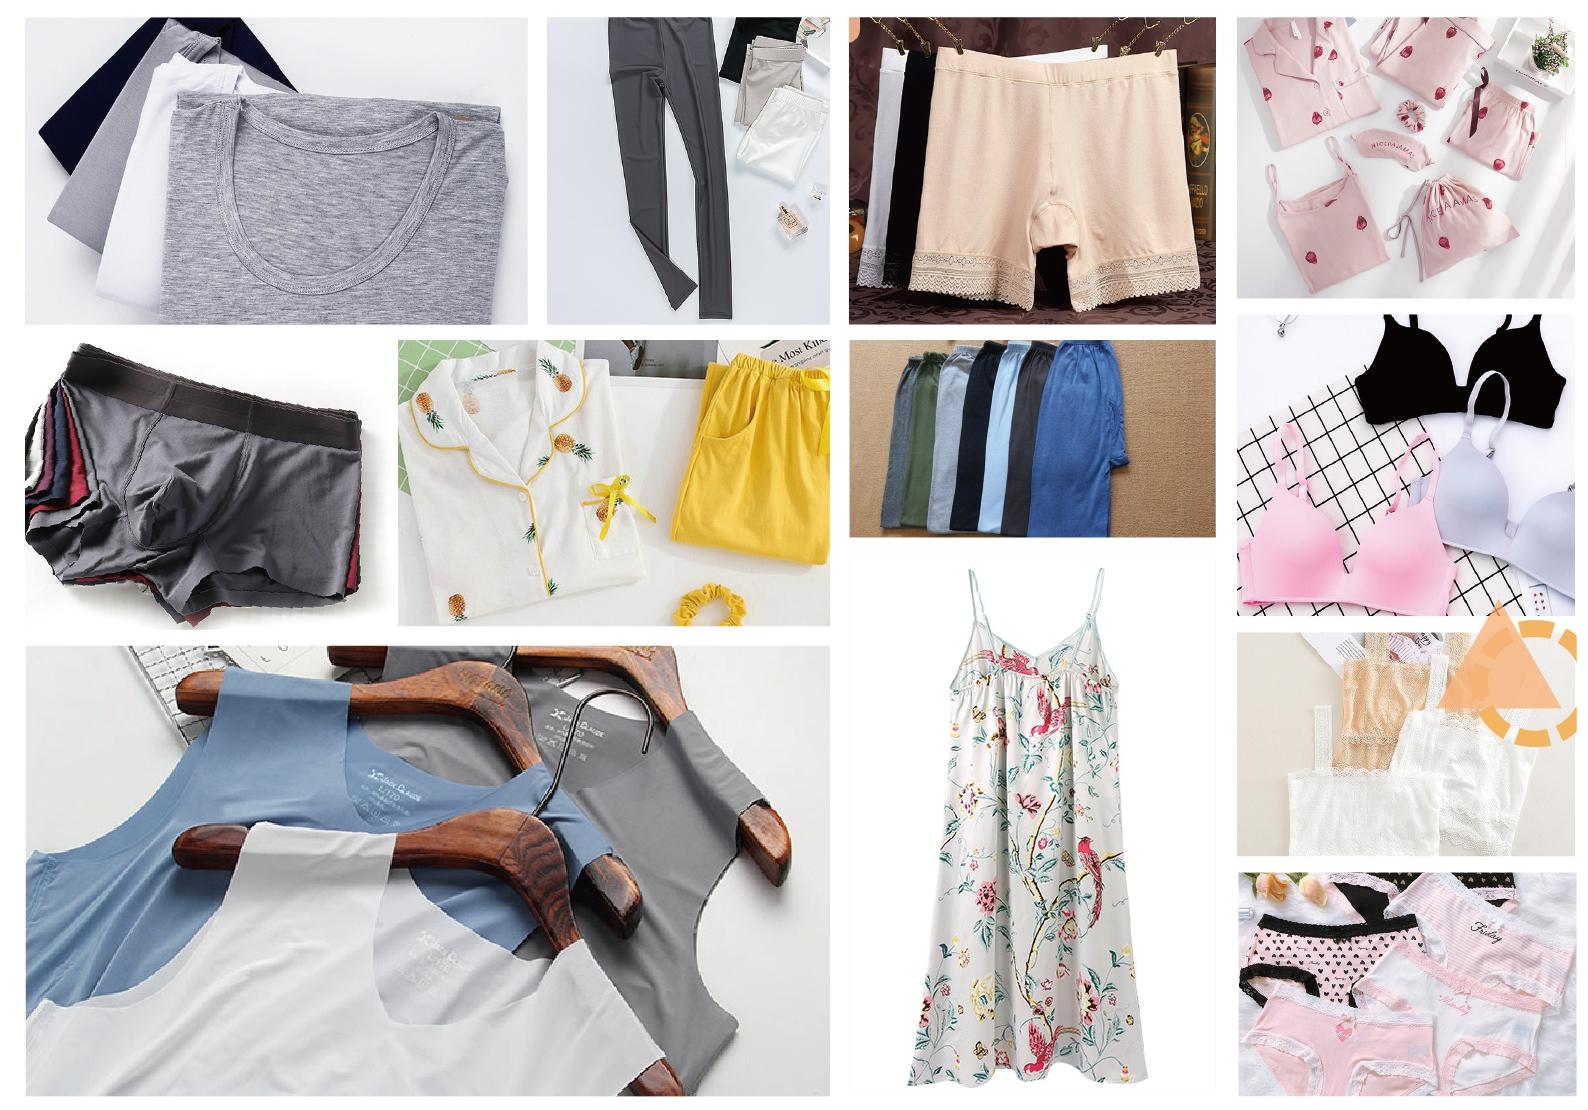 2020年内衣及贴身时尚行业首展 — 3月上海内衣展(MUE)